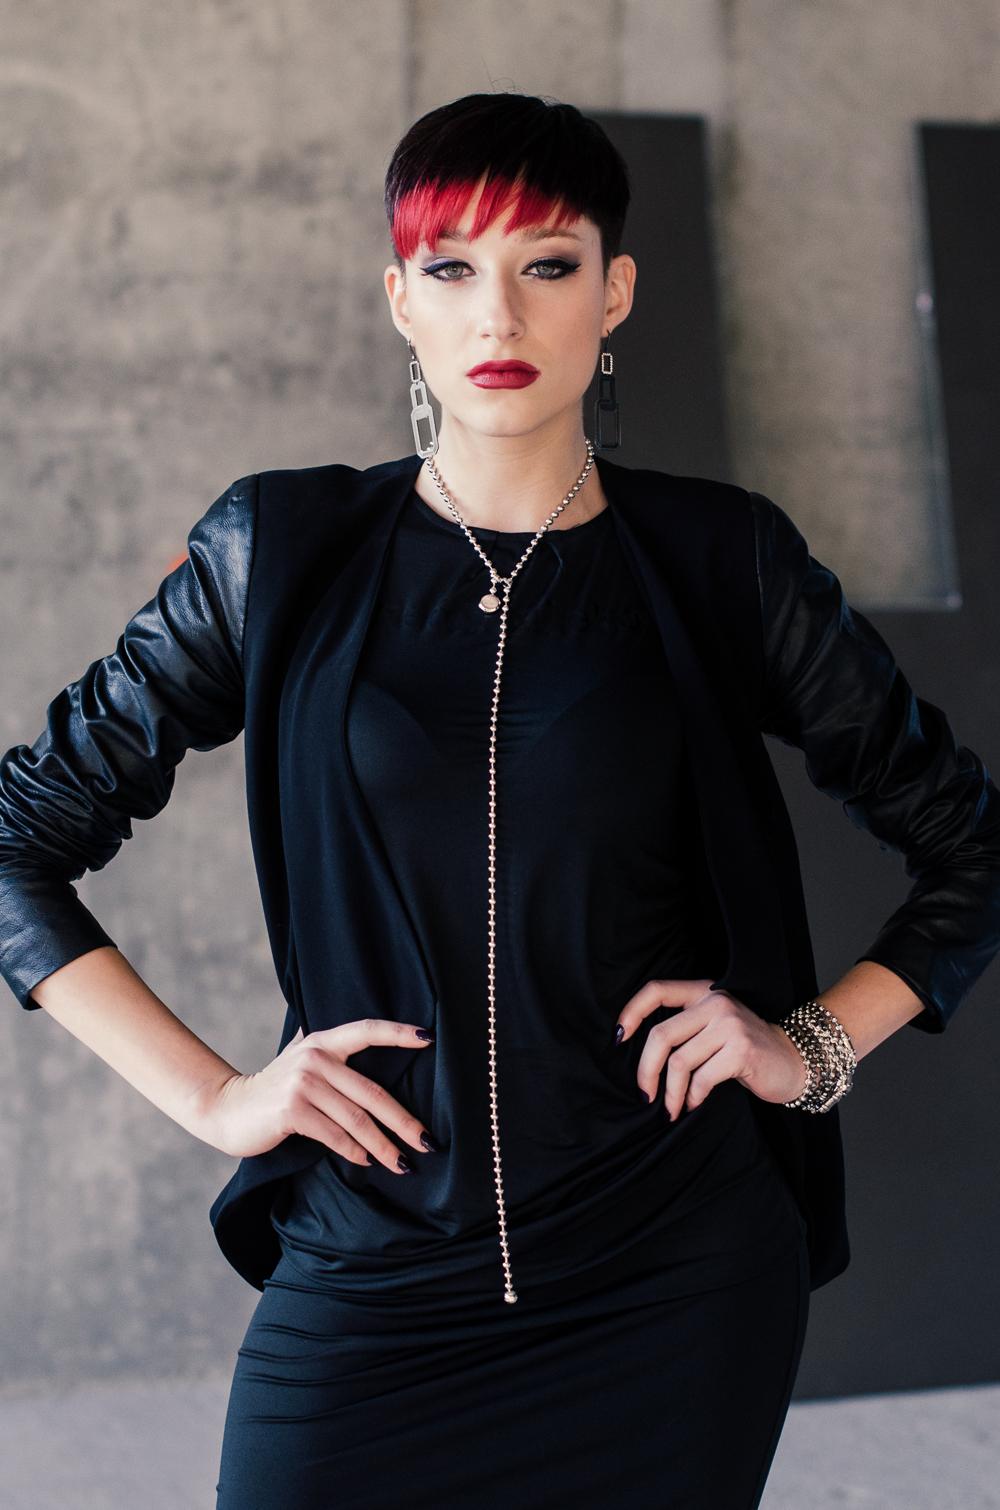 Medinmleko fashion style Love, Eva Eva Ahačevčič